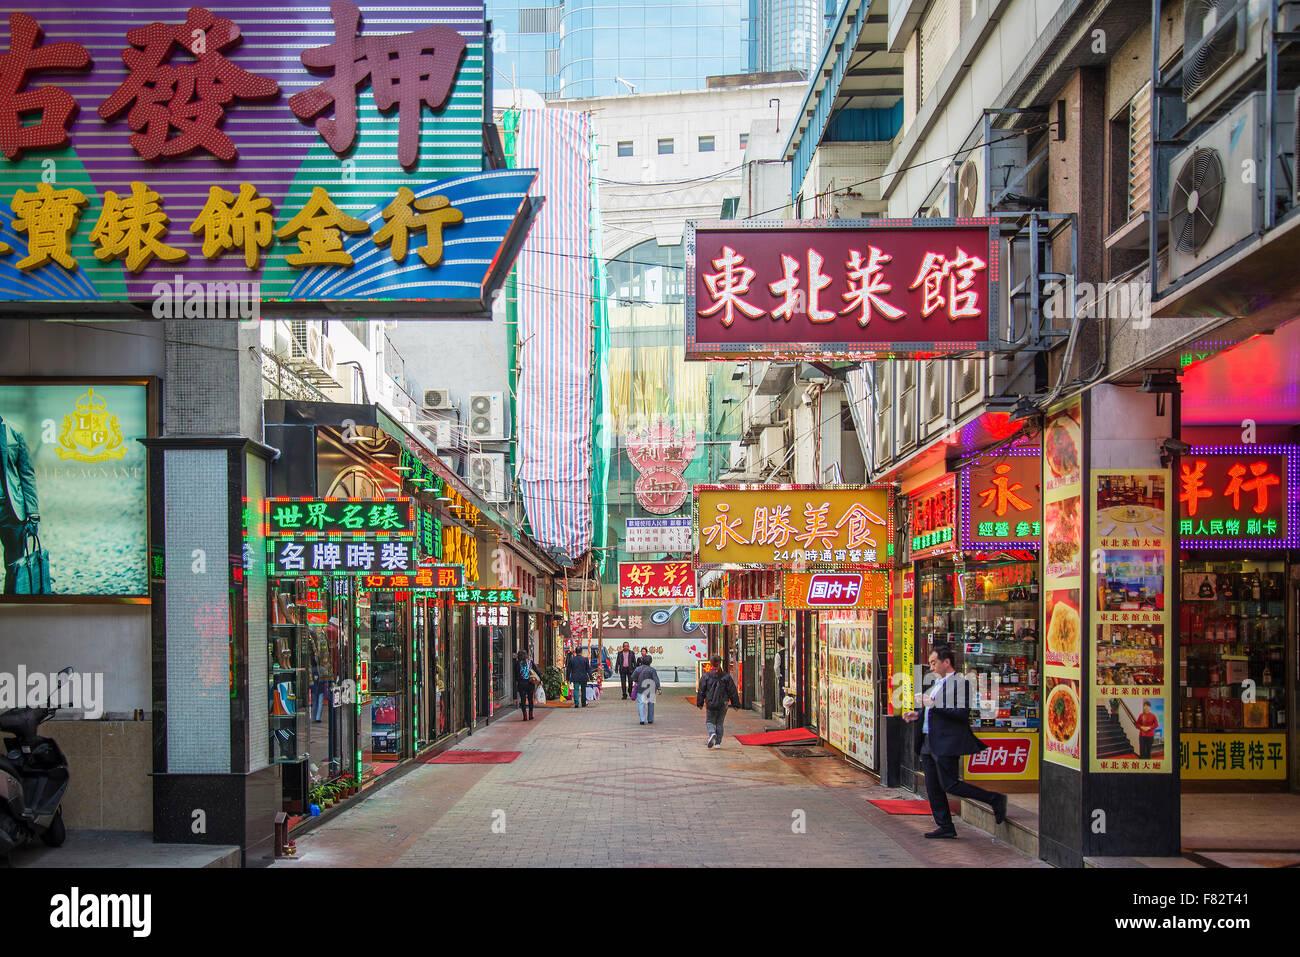 La calle peatonal en el centro de la ciudad de Macao, China Imagen De Stock